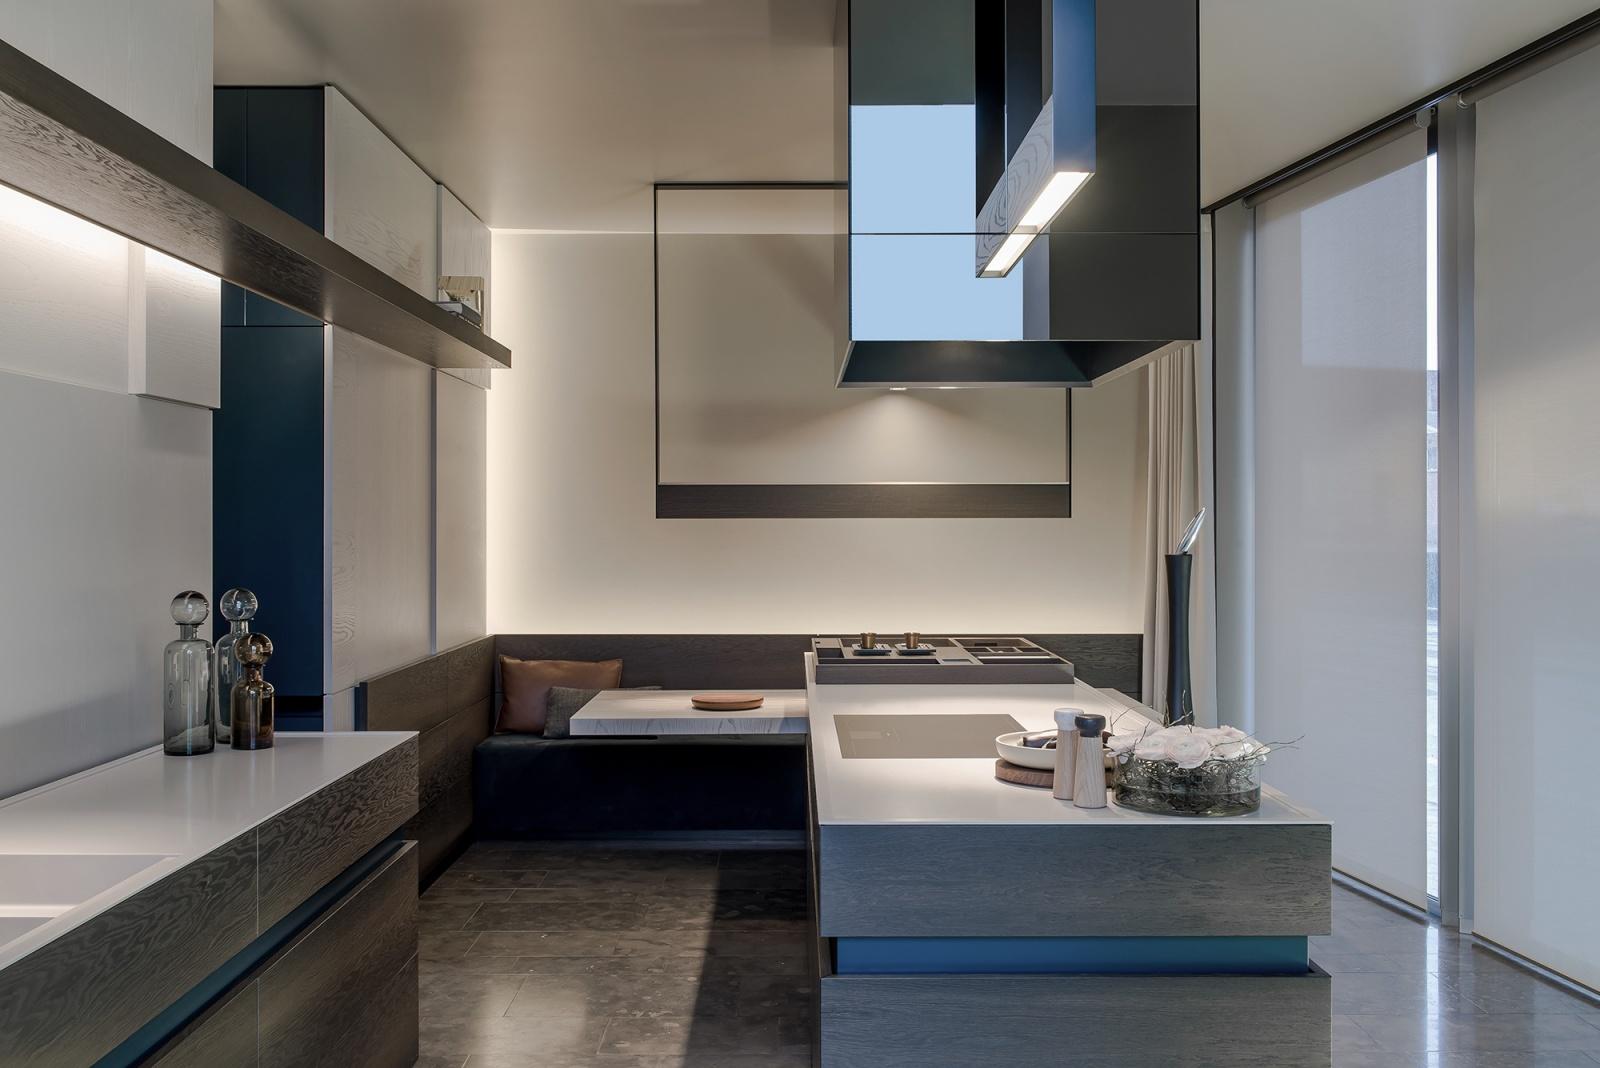 Keuken Design Castricum : Interieur maddens roeselare kaaistraat 60 interieur maatwerk